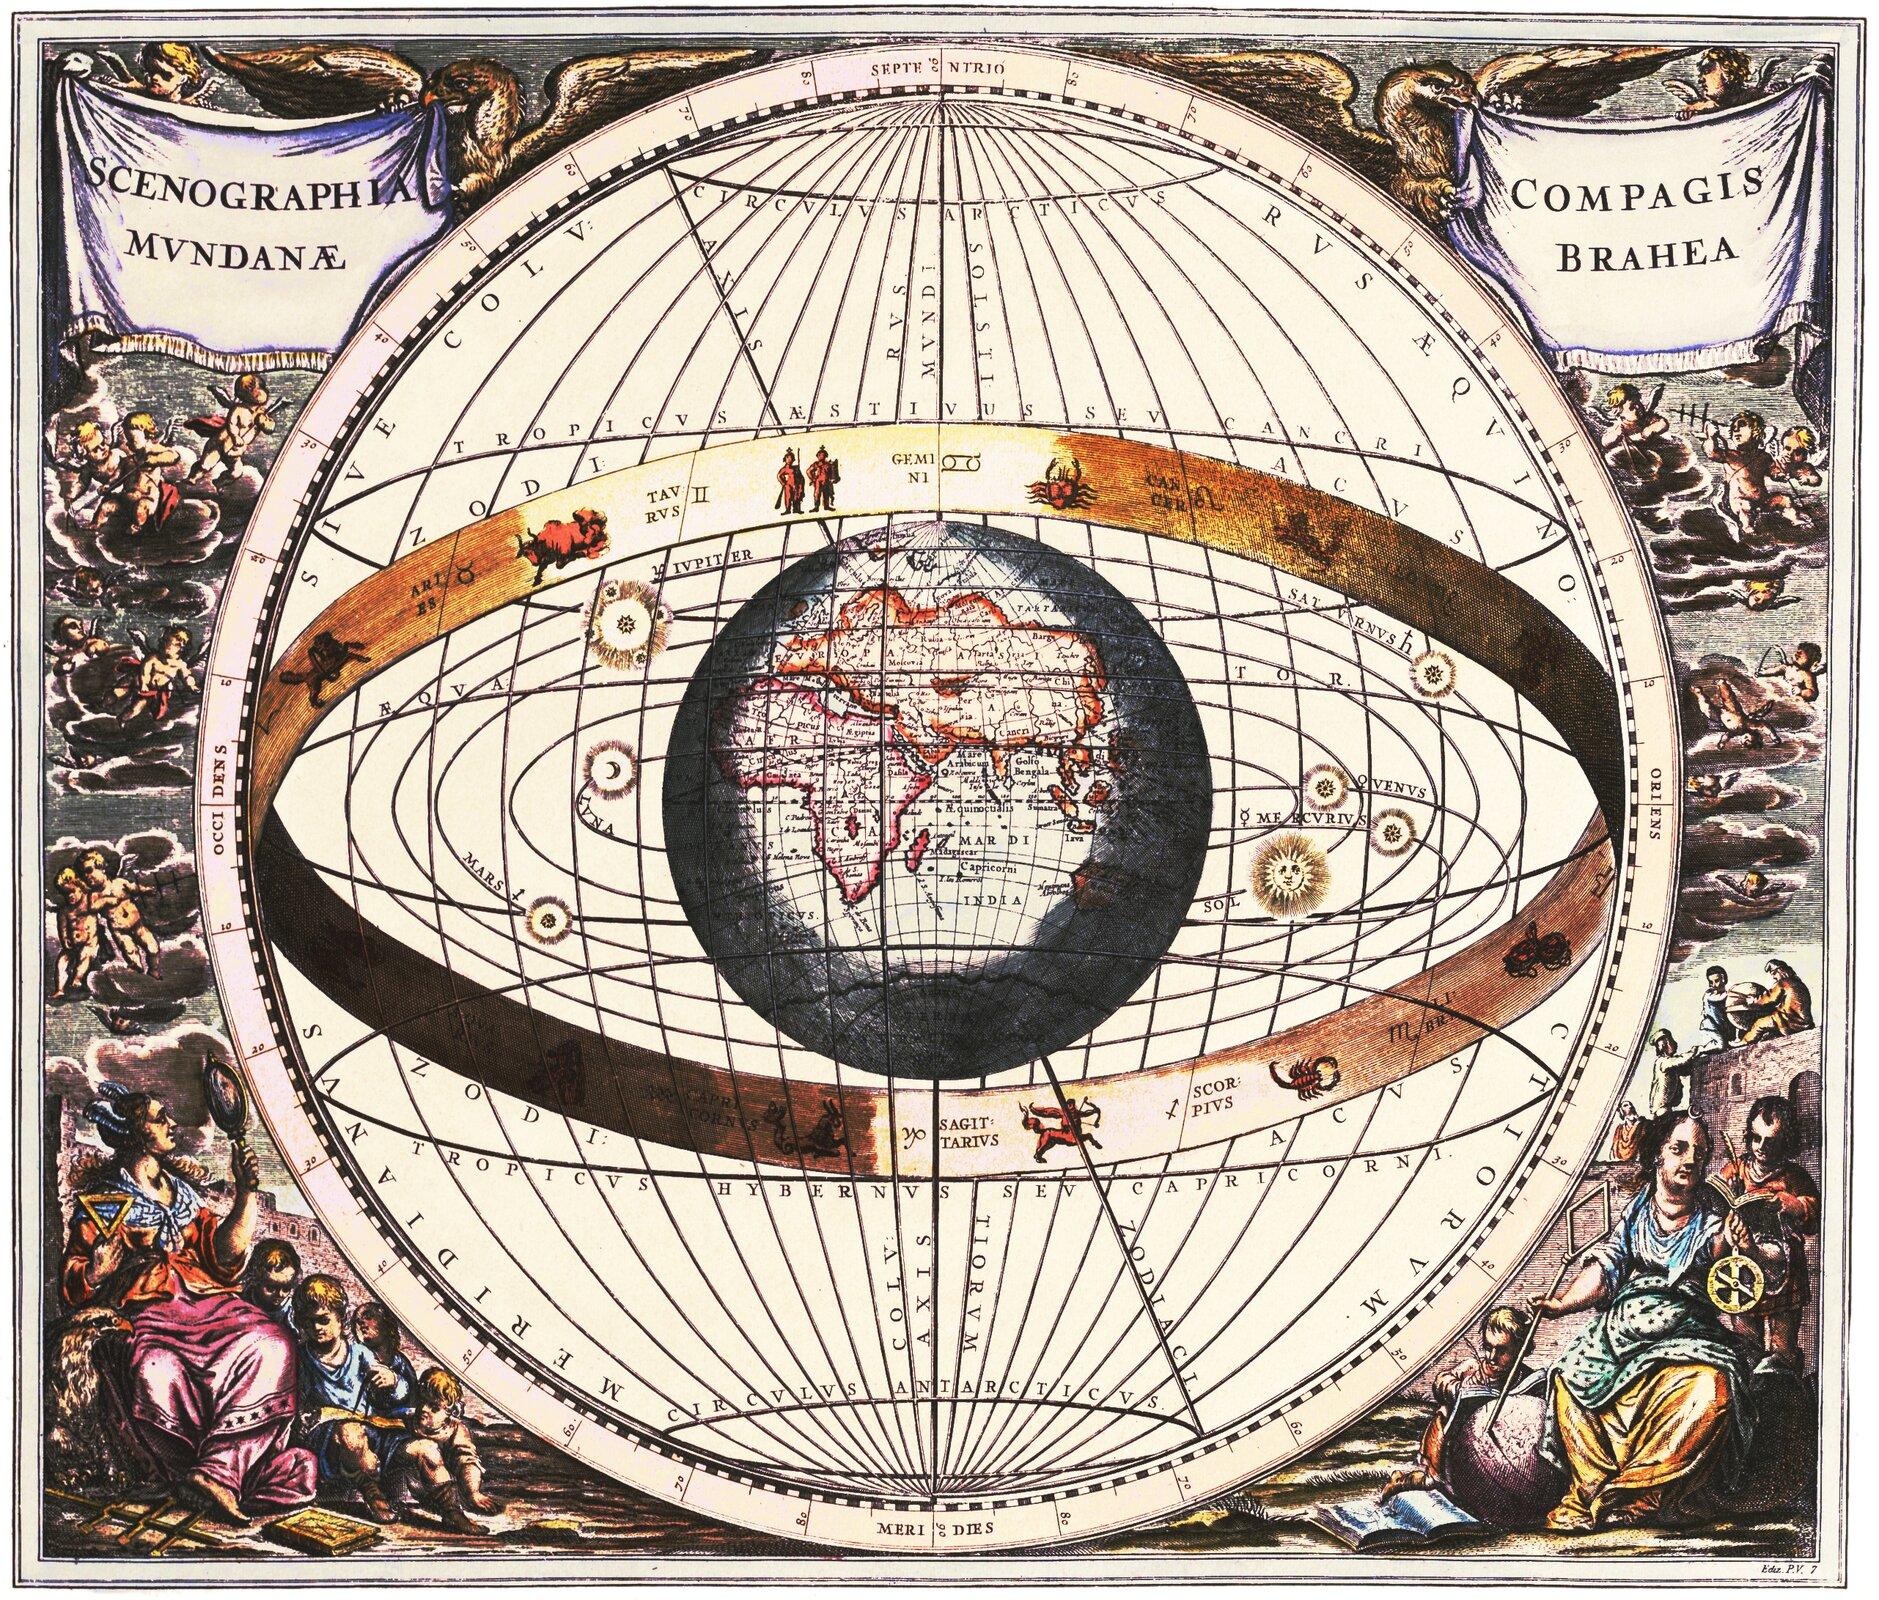 Galeria składająca się zdwóch ilustracji. Pierwsza kolorowa ilustracja przedstawia obraz Ziemi według teorii geocentrycznej. Wcentralnej części ilustracji znajduje się kula ziemska. Widoczne są kontury kontynentów. Cała kula jest pokryta siatką południków irównoleżników. Wokół otoczona jest szerokim pasem, wzdłuż którego umieszczono rysunki znaków zodiaku. Są one ułożone wrównych odstępach od siebie. Między pasem ze znakami zodiaku akulą ziemską narysowane są orbity, po których krąży Słońce oraz inne planety, takie jak Jowisz, Mars czy Merkury. Całość umieszczona wewnątrz większej kuli utworzonej zlinii podobnych do siatki południków irównoleżników znajdujących się na globusie. Pas ze znakami zodiaków styka się po prawej ilewej stronie zkrawędzią tej większej kuli. Po lewej iprawej stronie większej kuli, poza jej krawędzią, znajdują się postacie. Wgórnym prawym ilewym rogu ilustracji aniołki na chmurach idwa duże orły. Wprawym ilewym dolnym rogu obrazu siedzą uczeni, którzy trzymają przyrządy pomiarowe. Otwarte książki leżą obok uczonych.